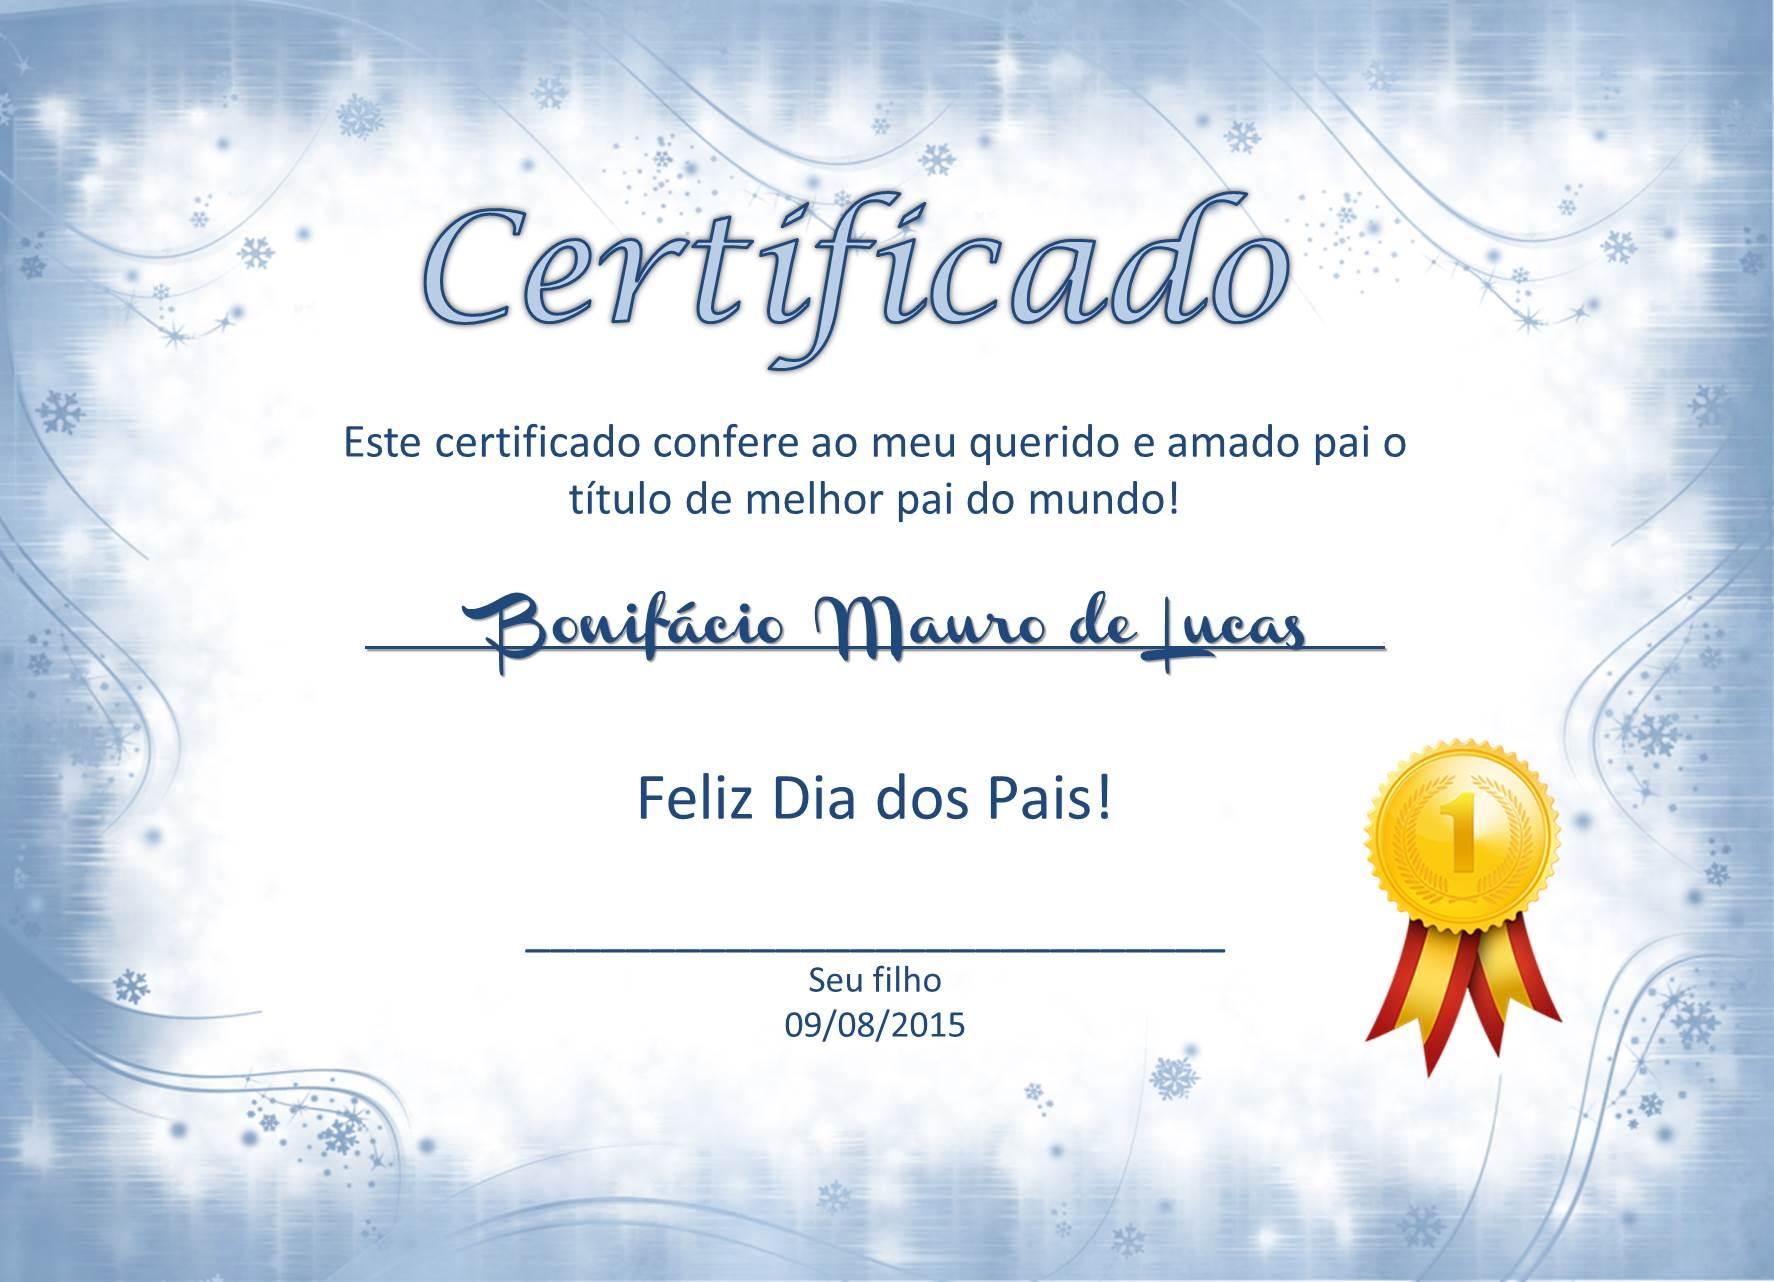 certificado-dia-dos-pais-presente.jpg